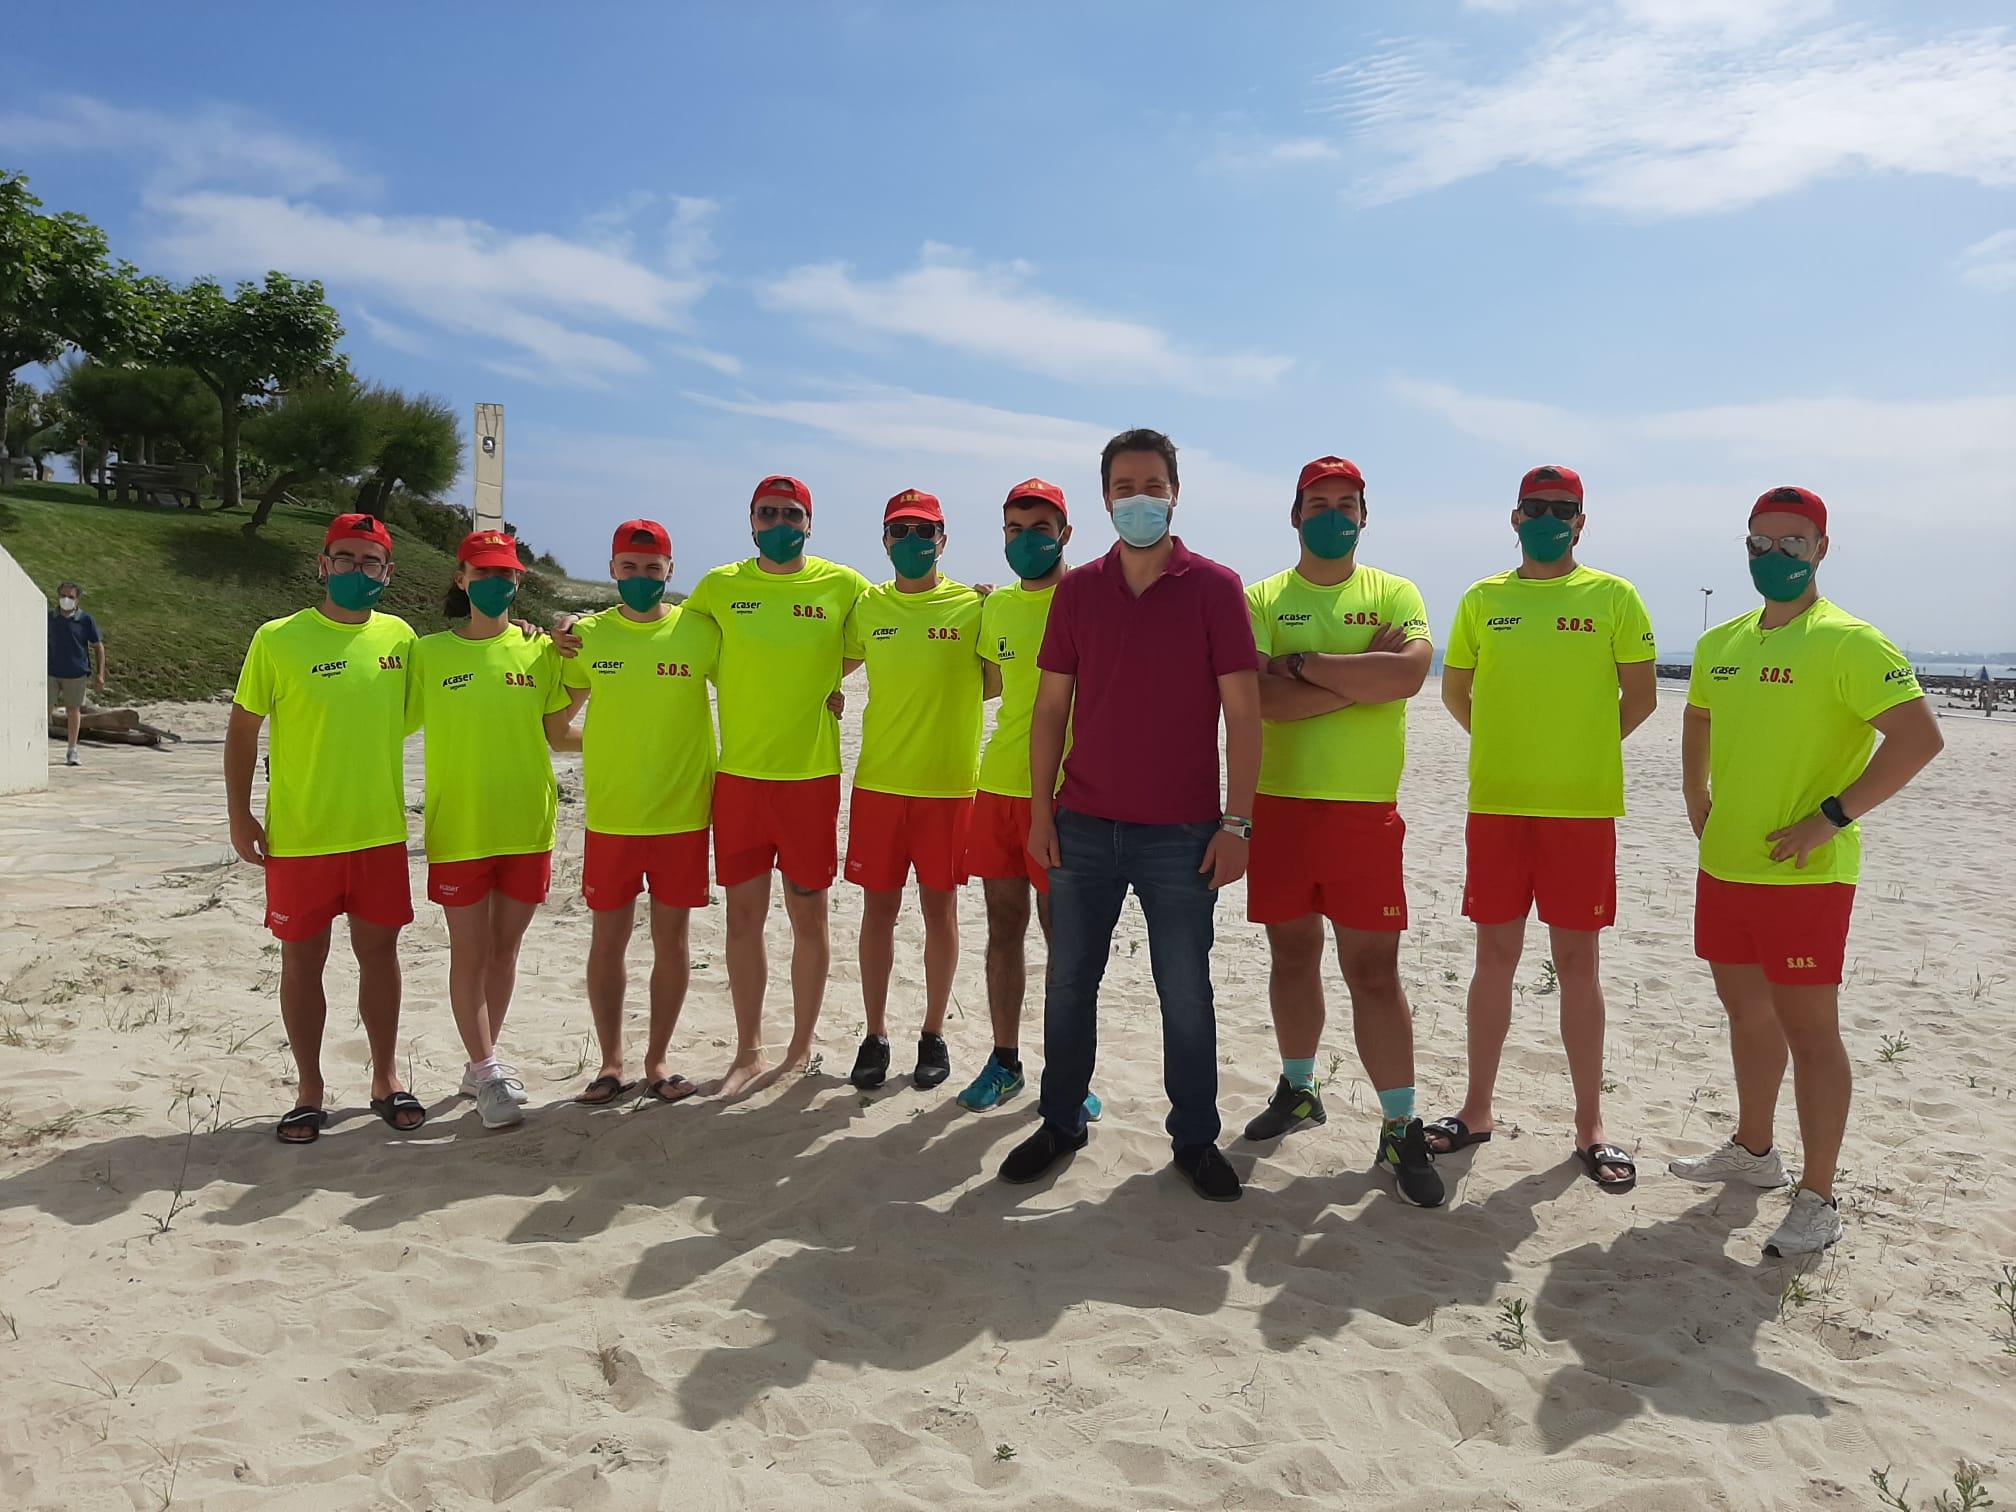 Comezou este xoves o servizo de socorrismo nas praias de A Rapadoira, Llas e Areoura